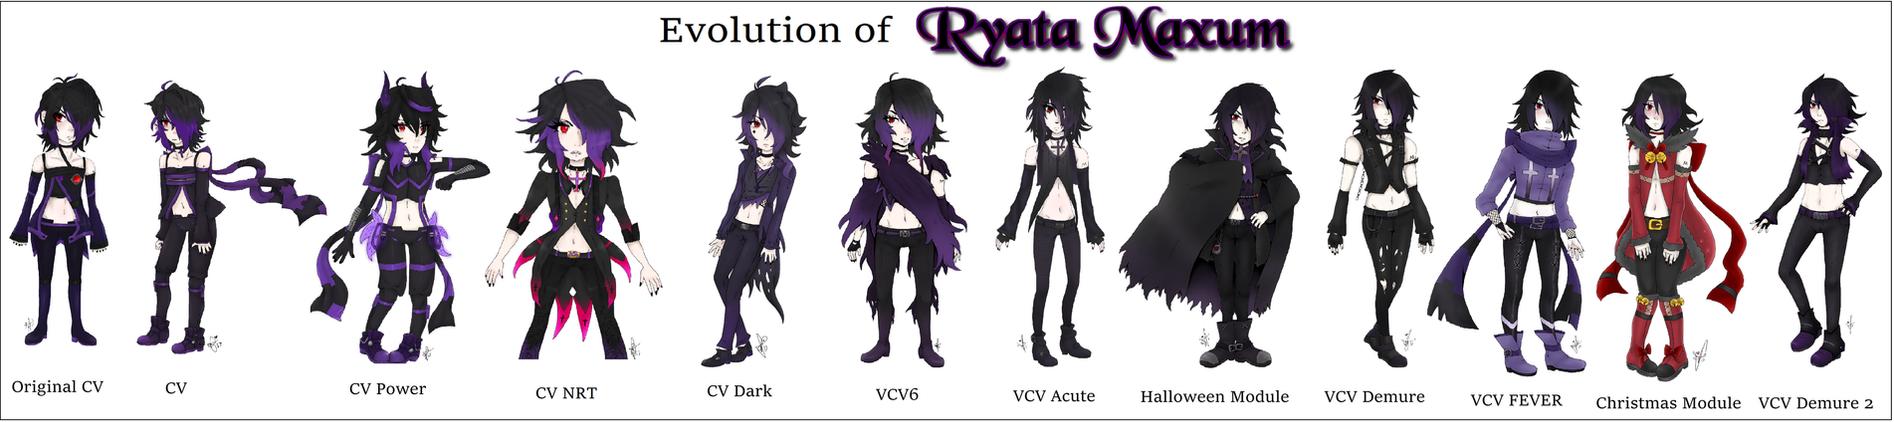 Evolution Of RYATA MAXUM - (UTAU 10th Anniversary) by Ayatonic